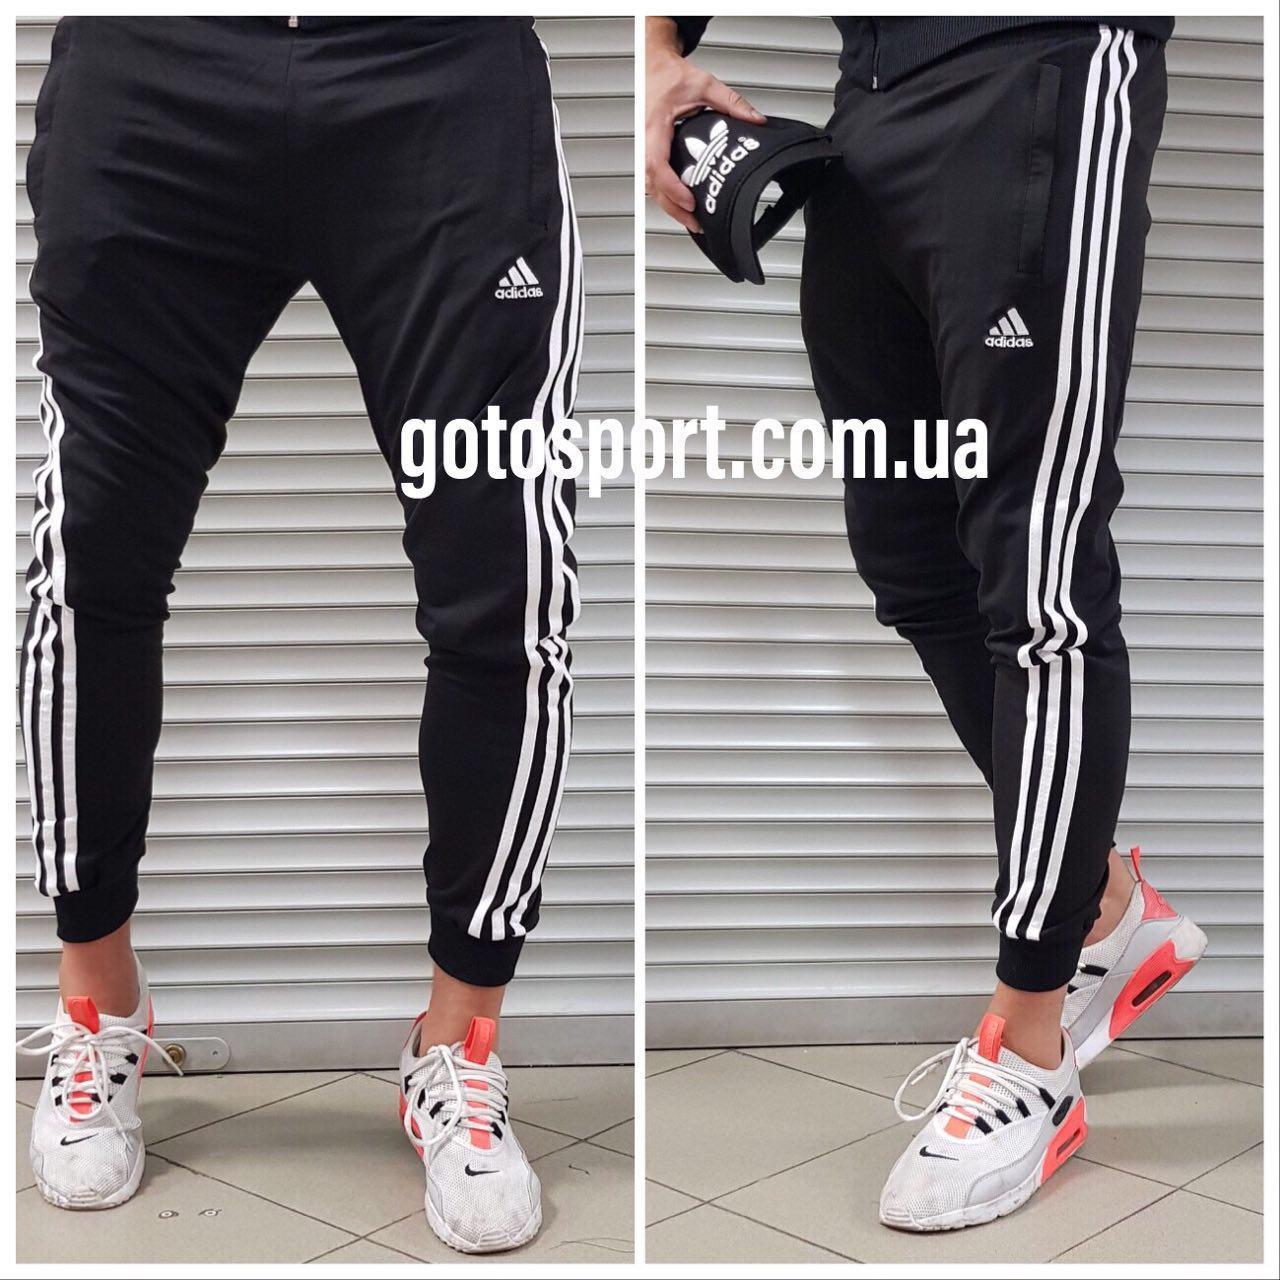 Зимние мужские спортивные штаны Adidas Winter